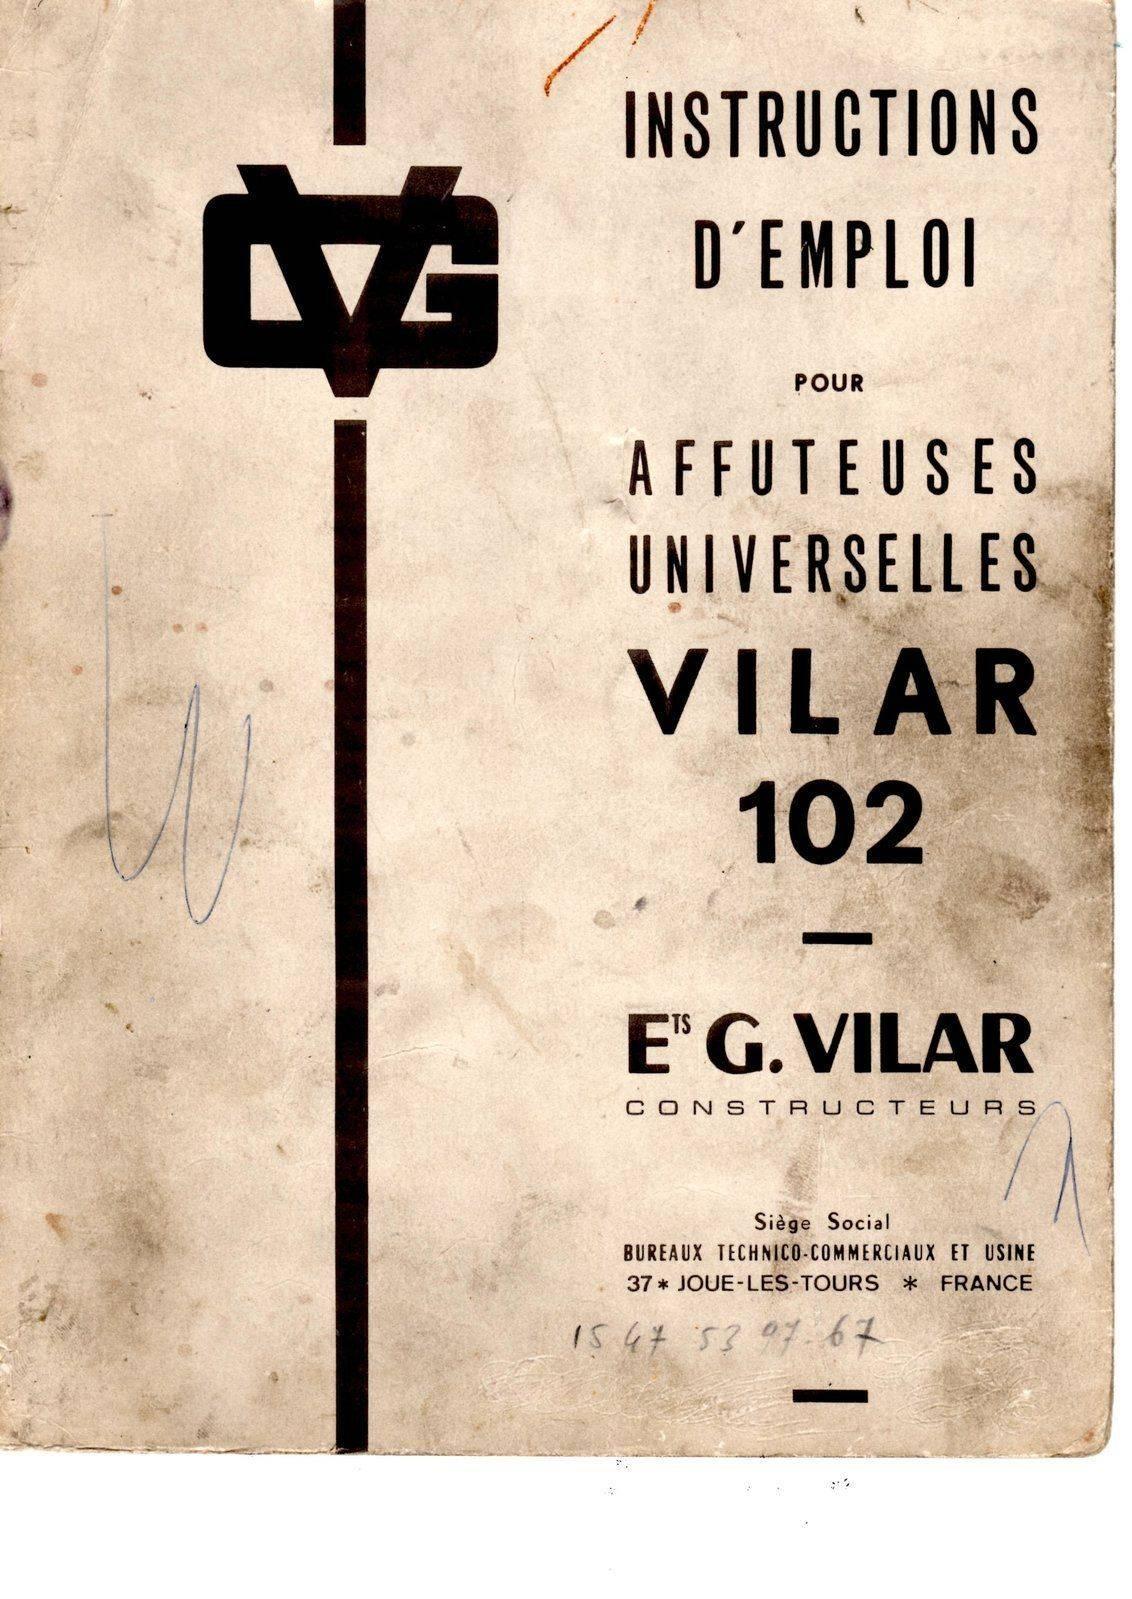 Affuteuse universelle VILAR 102 (1).jpg